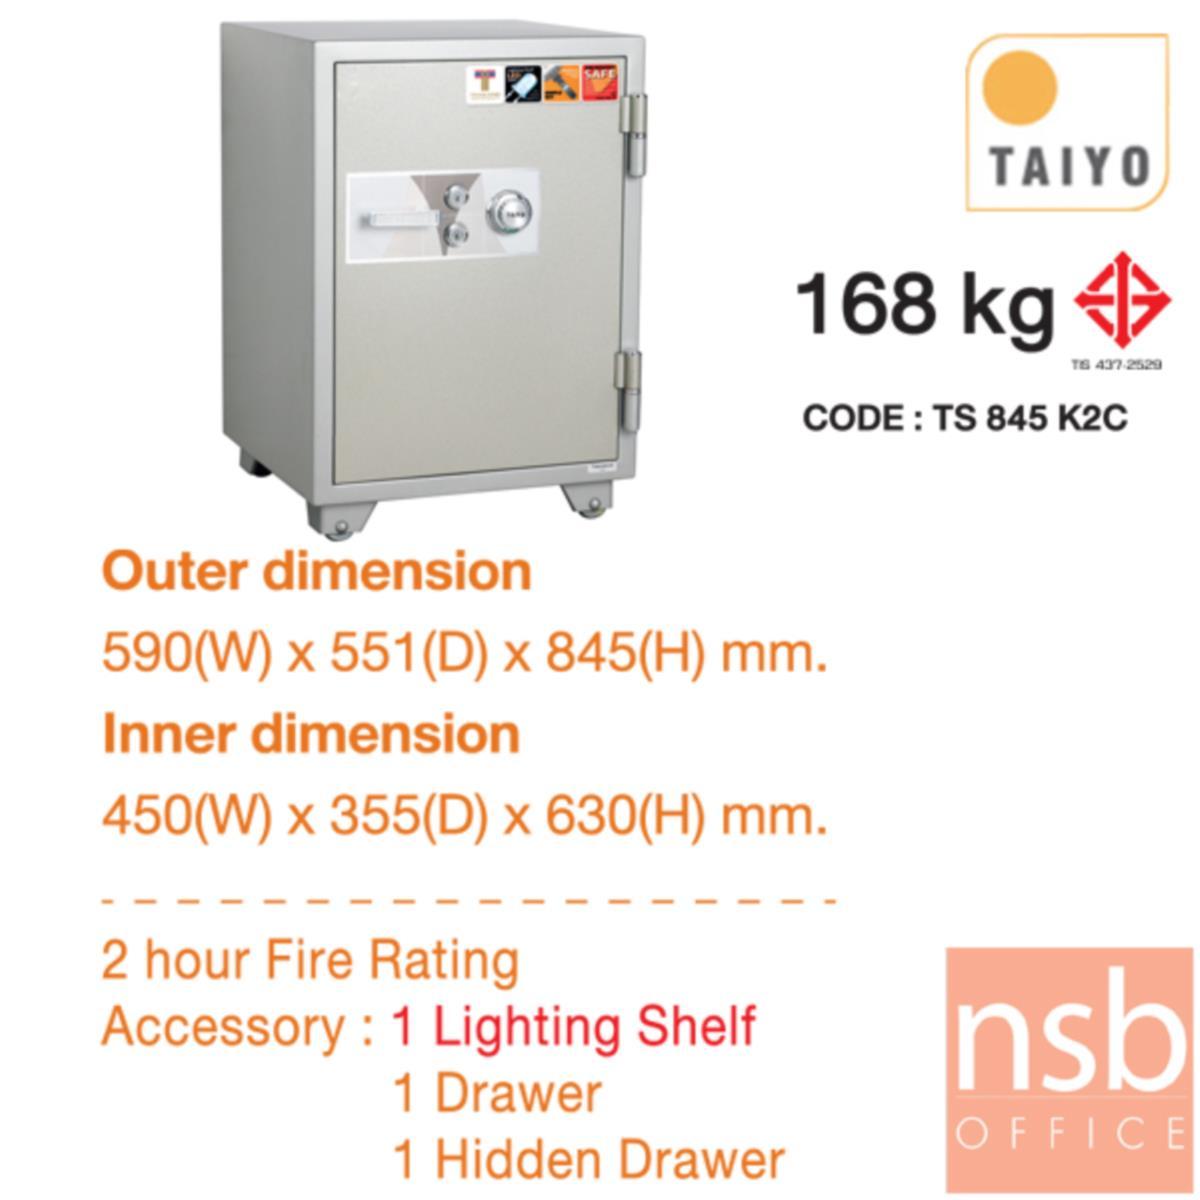 ตู้เซฟ TAIYO 168 กก. 2 กุญแจ 1 รหัส   (TS 845 K2C มอก.)